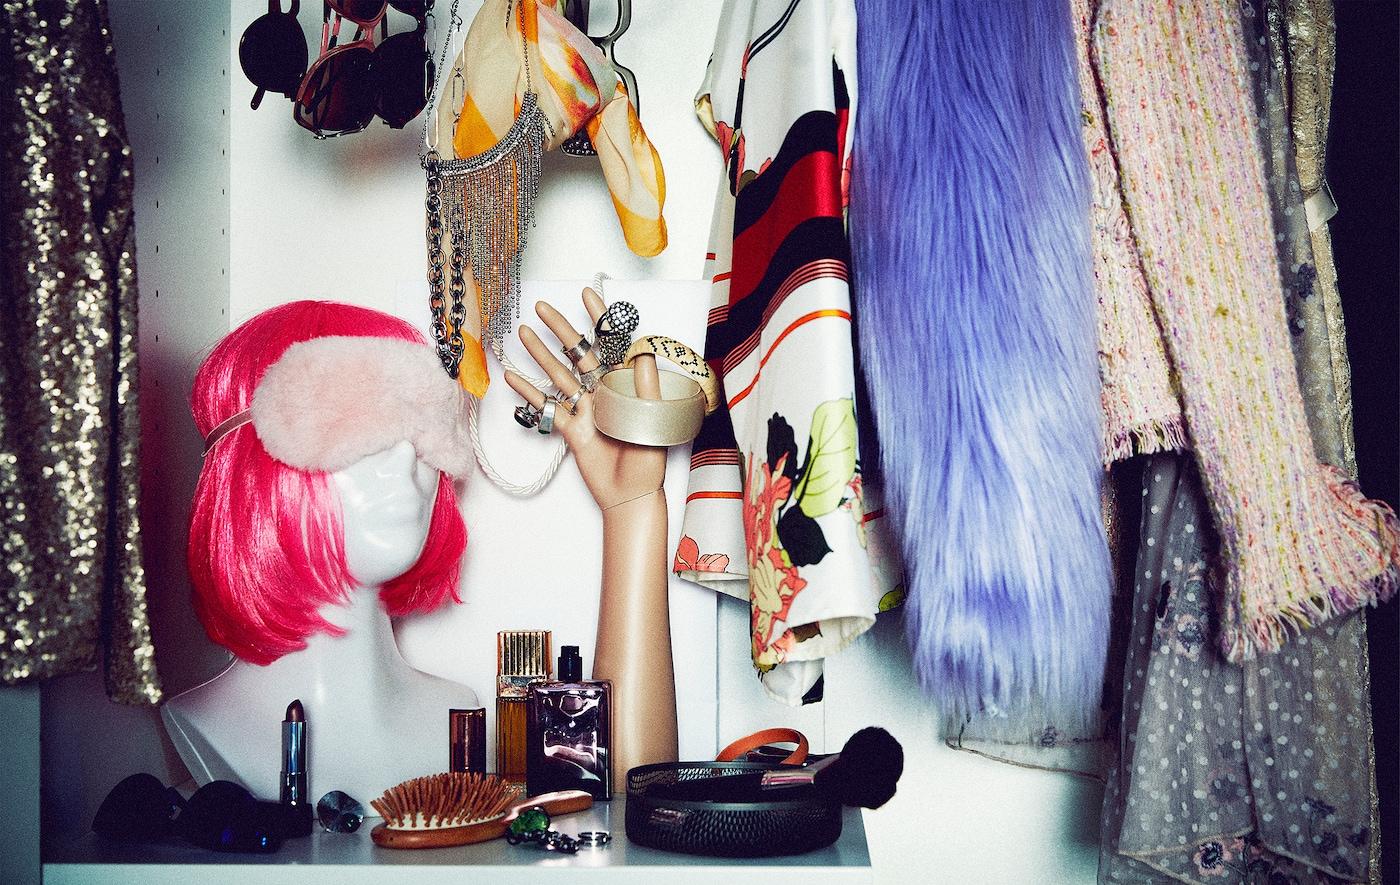 화려한 파티 의상과 액세서리, 형광색 가발, 반지를 끼운 마네킹 손으로 꾸민 옷장이에요.